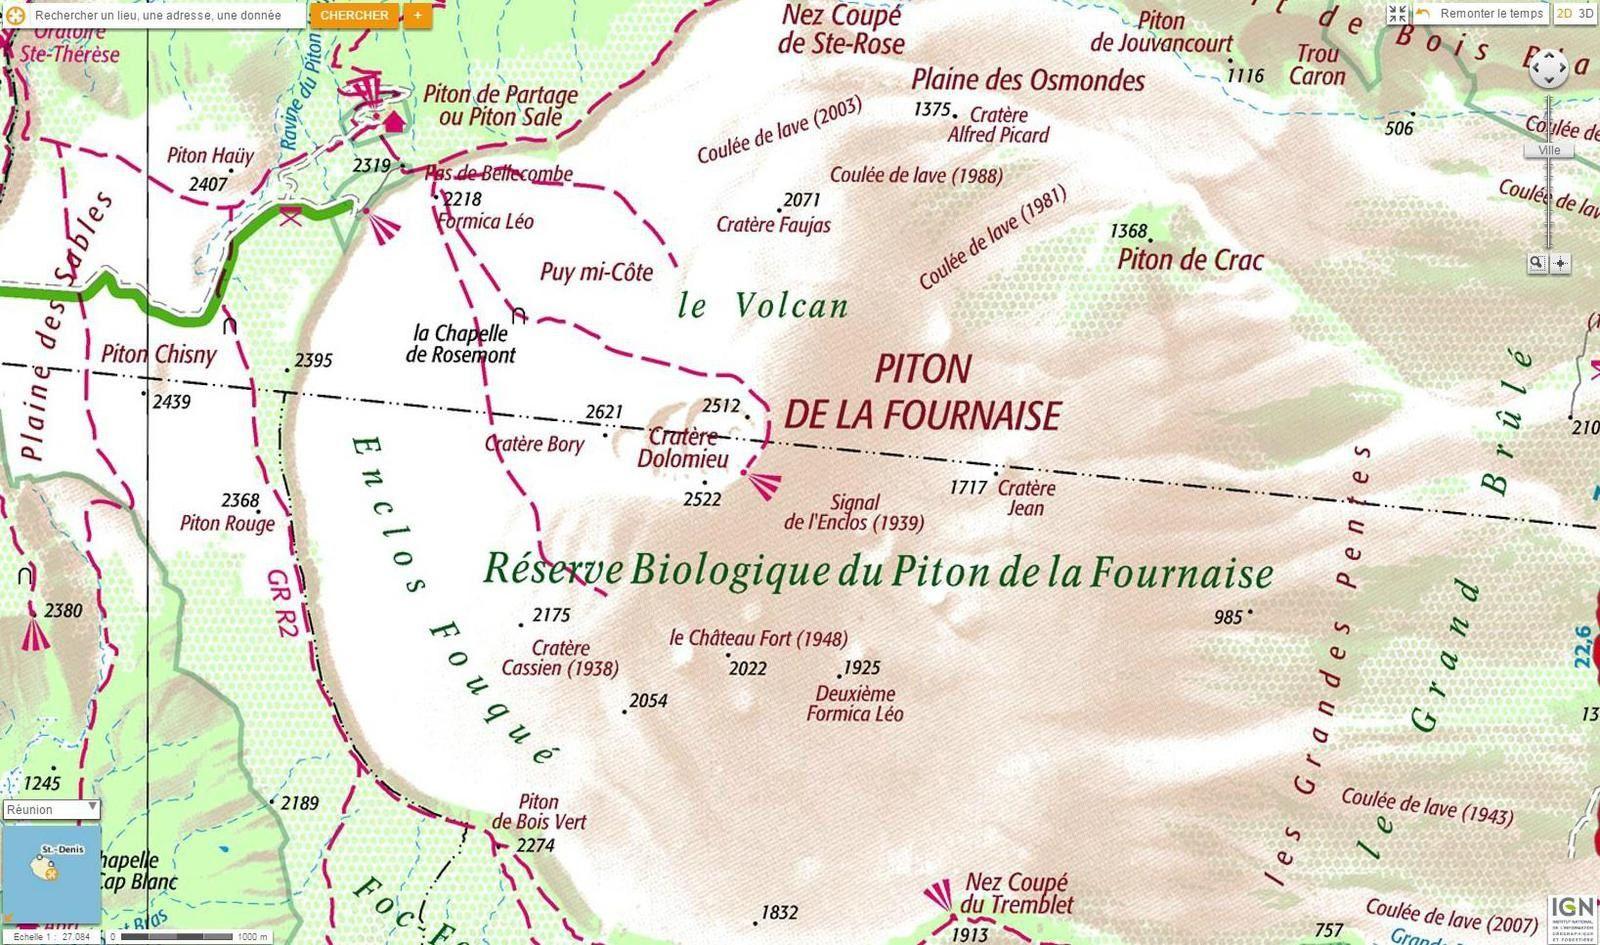 Piton de La Fournaise - les sentiers autorisés avant le 06.07.15 - doc. Actus météo 974